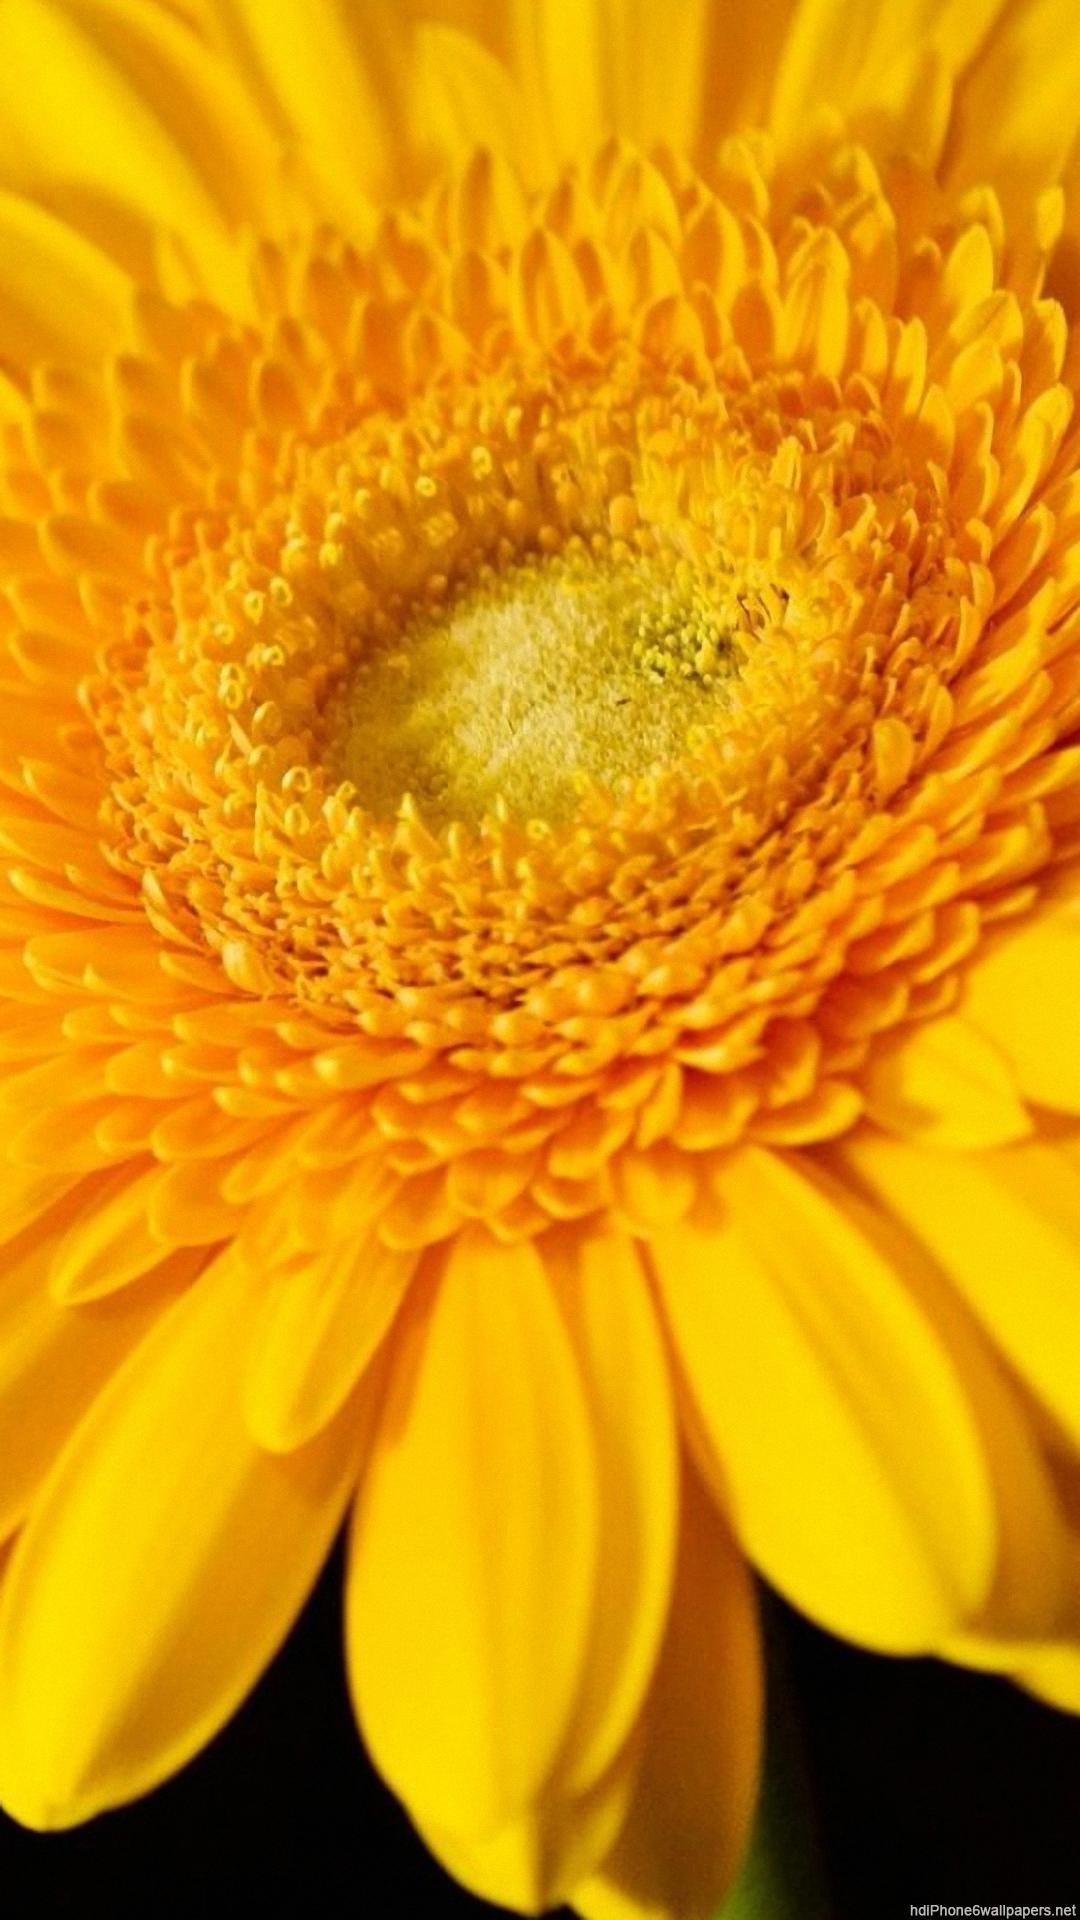 Sunflower Wallpaper Iphone 2020 3d Iphone Wallpaper